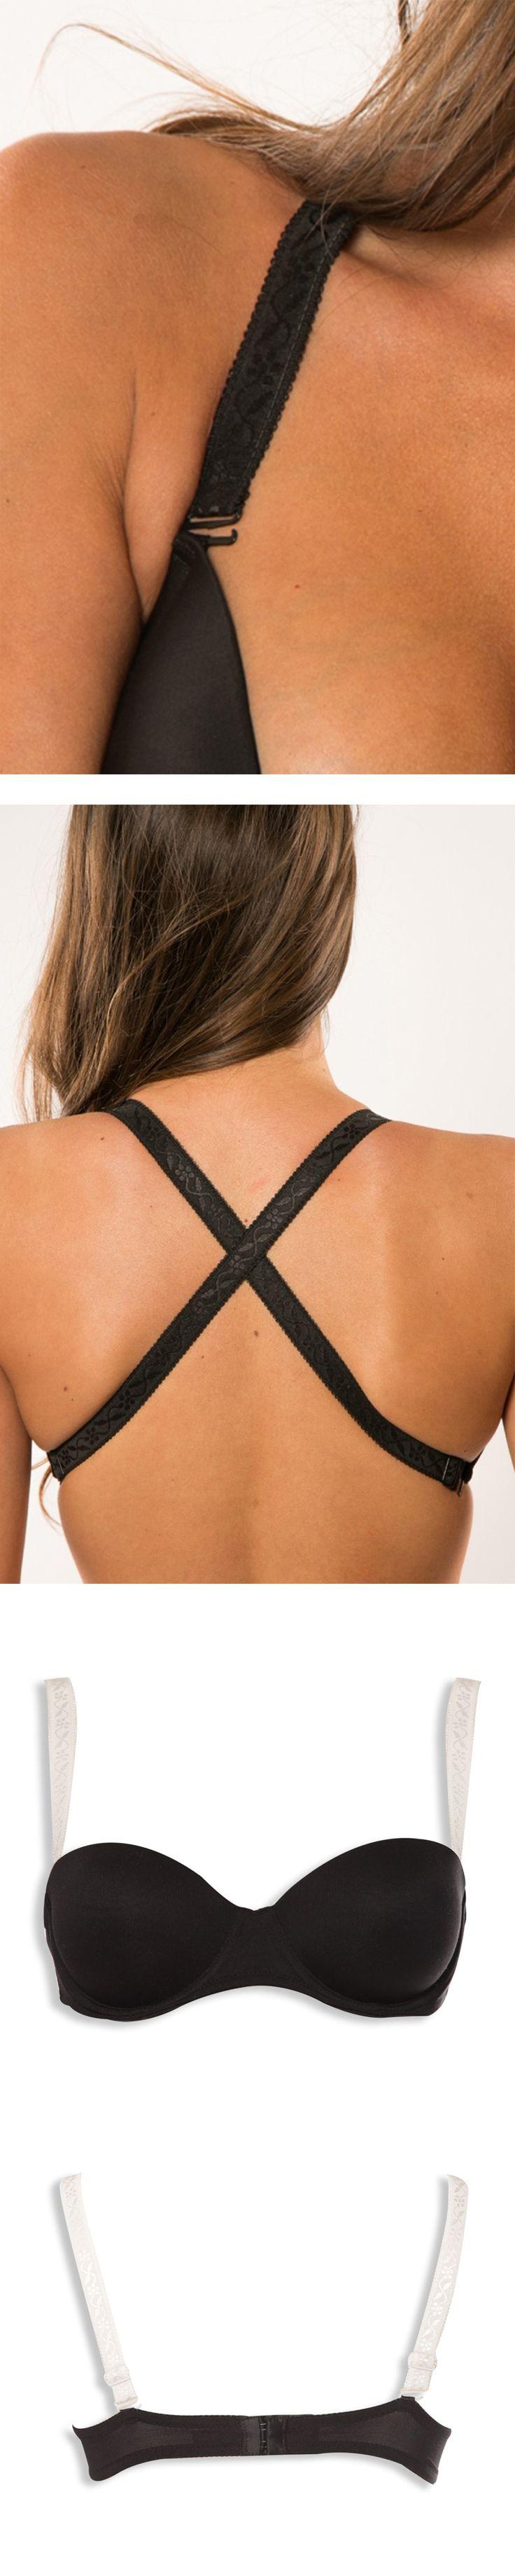 Lot de bretelles larges pour soutien-gorge ou bandeau : http://www.lingerie-grossiste.fr/bretelles-larges-elastiques-c2x15330098